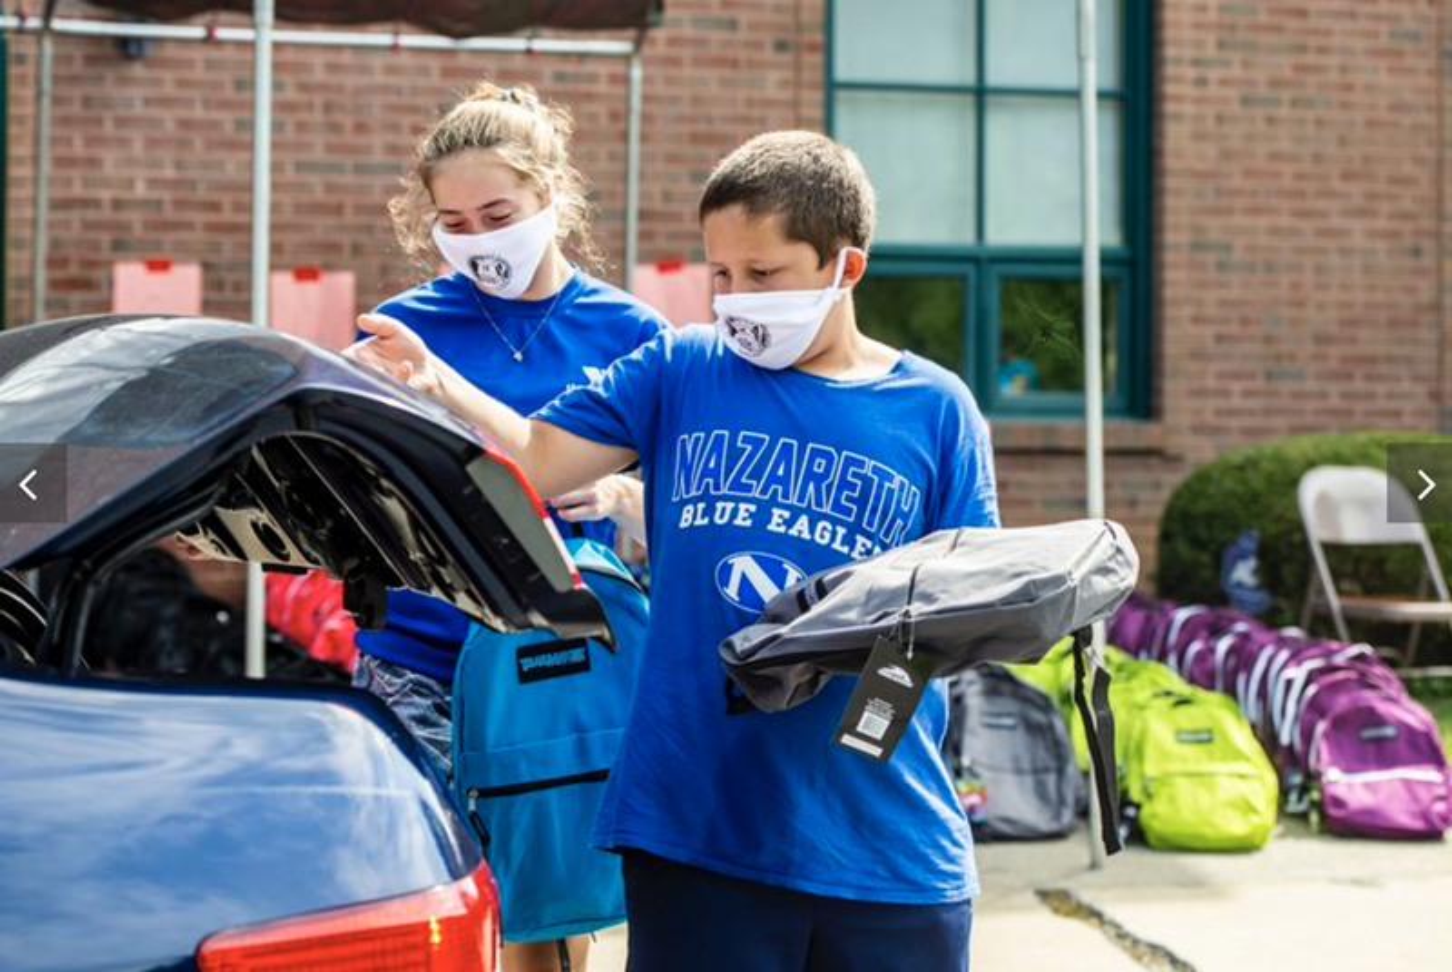 Los/as voluntarios/as Shannon Stivala de 13 años, a la izquierda y Ryan Golinsky, de 11 años cargan morrales de manera segura en el maletero de un automóvil durante el día de entrega de morrales de la iglesia Wesley en Bethlehem, realizado el sábado. Foto de April Gamiz, The Morning Call.